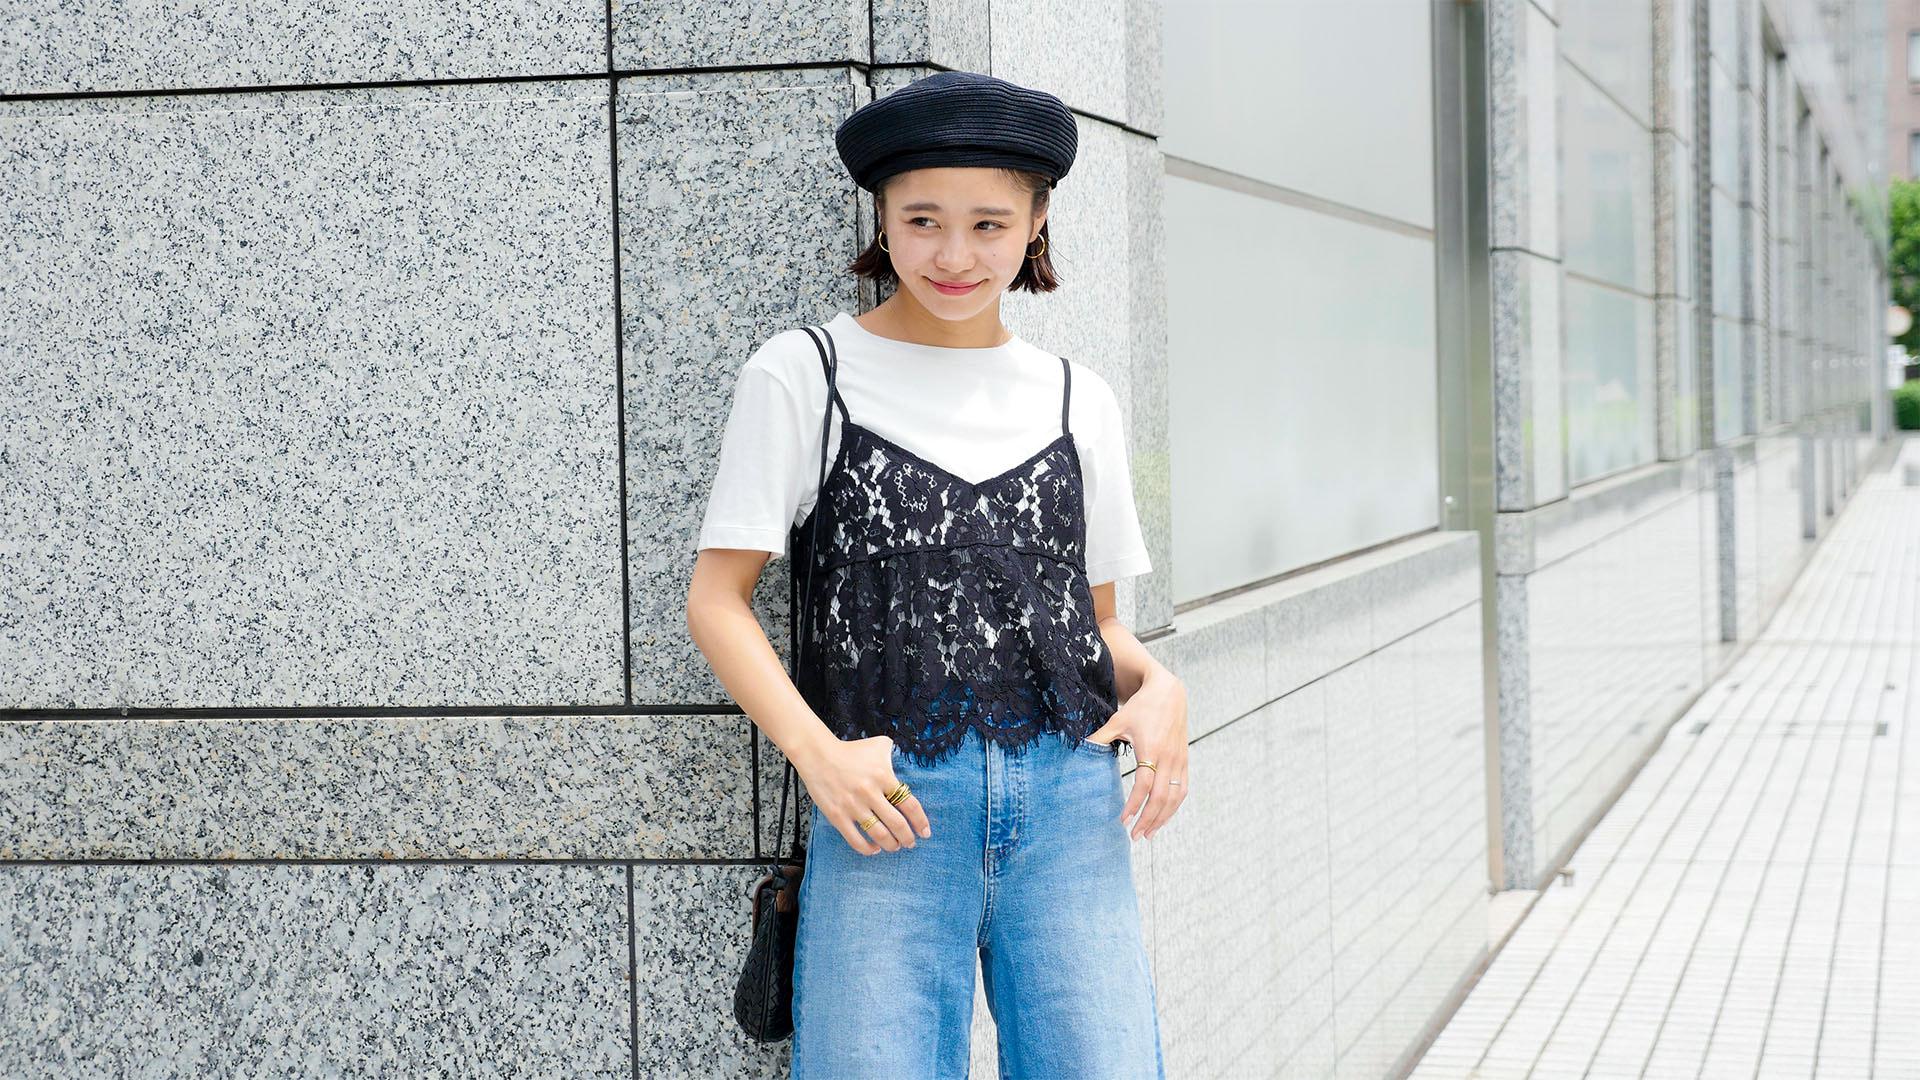 トレンドのキャミレイヤードトップス、カジュアルすぎない着こなしとは?【GUで着まわし!】